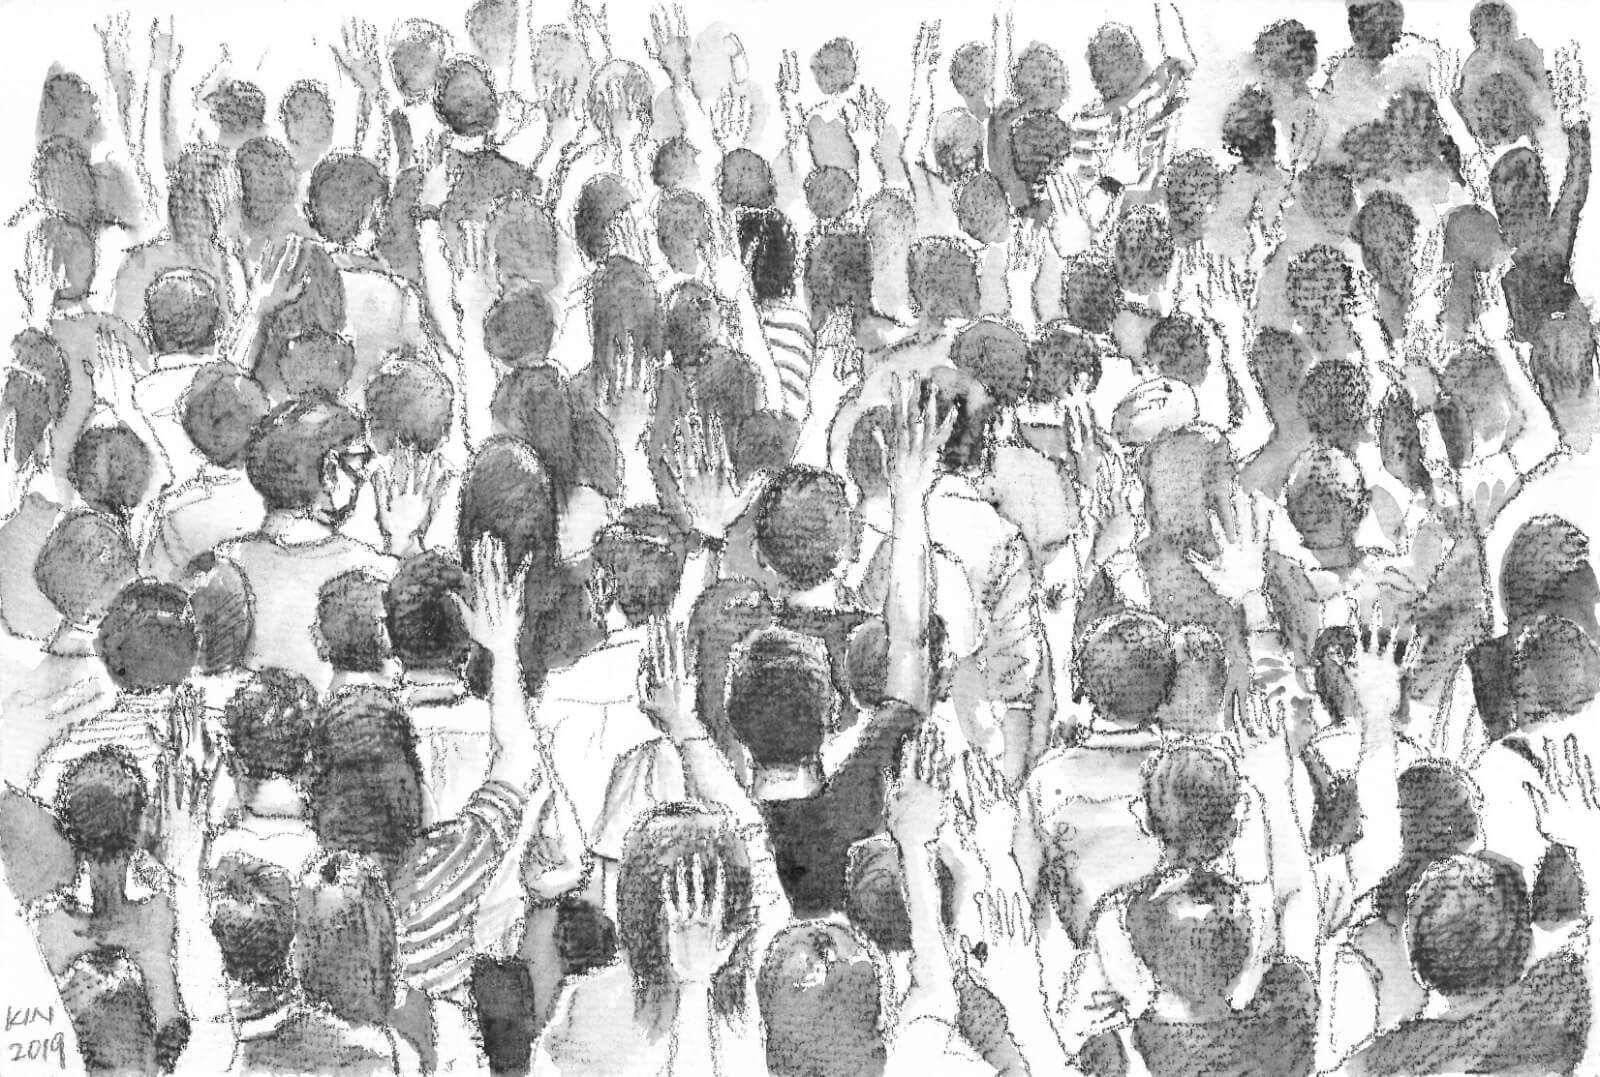 另一張少數描繪大場景的畫作,馮健勳破例選用水溶性鉛筆。他笑言自己畫畫不太喜歡慢慢雕琢,因此愛用水彩,這幅畫也是唯一一張要分開兩次才能完成。「我不太喜歡這一幅,但是也有許多人鍾意,大家覺得似漫畫,幾有feel。」